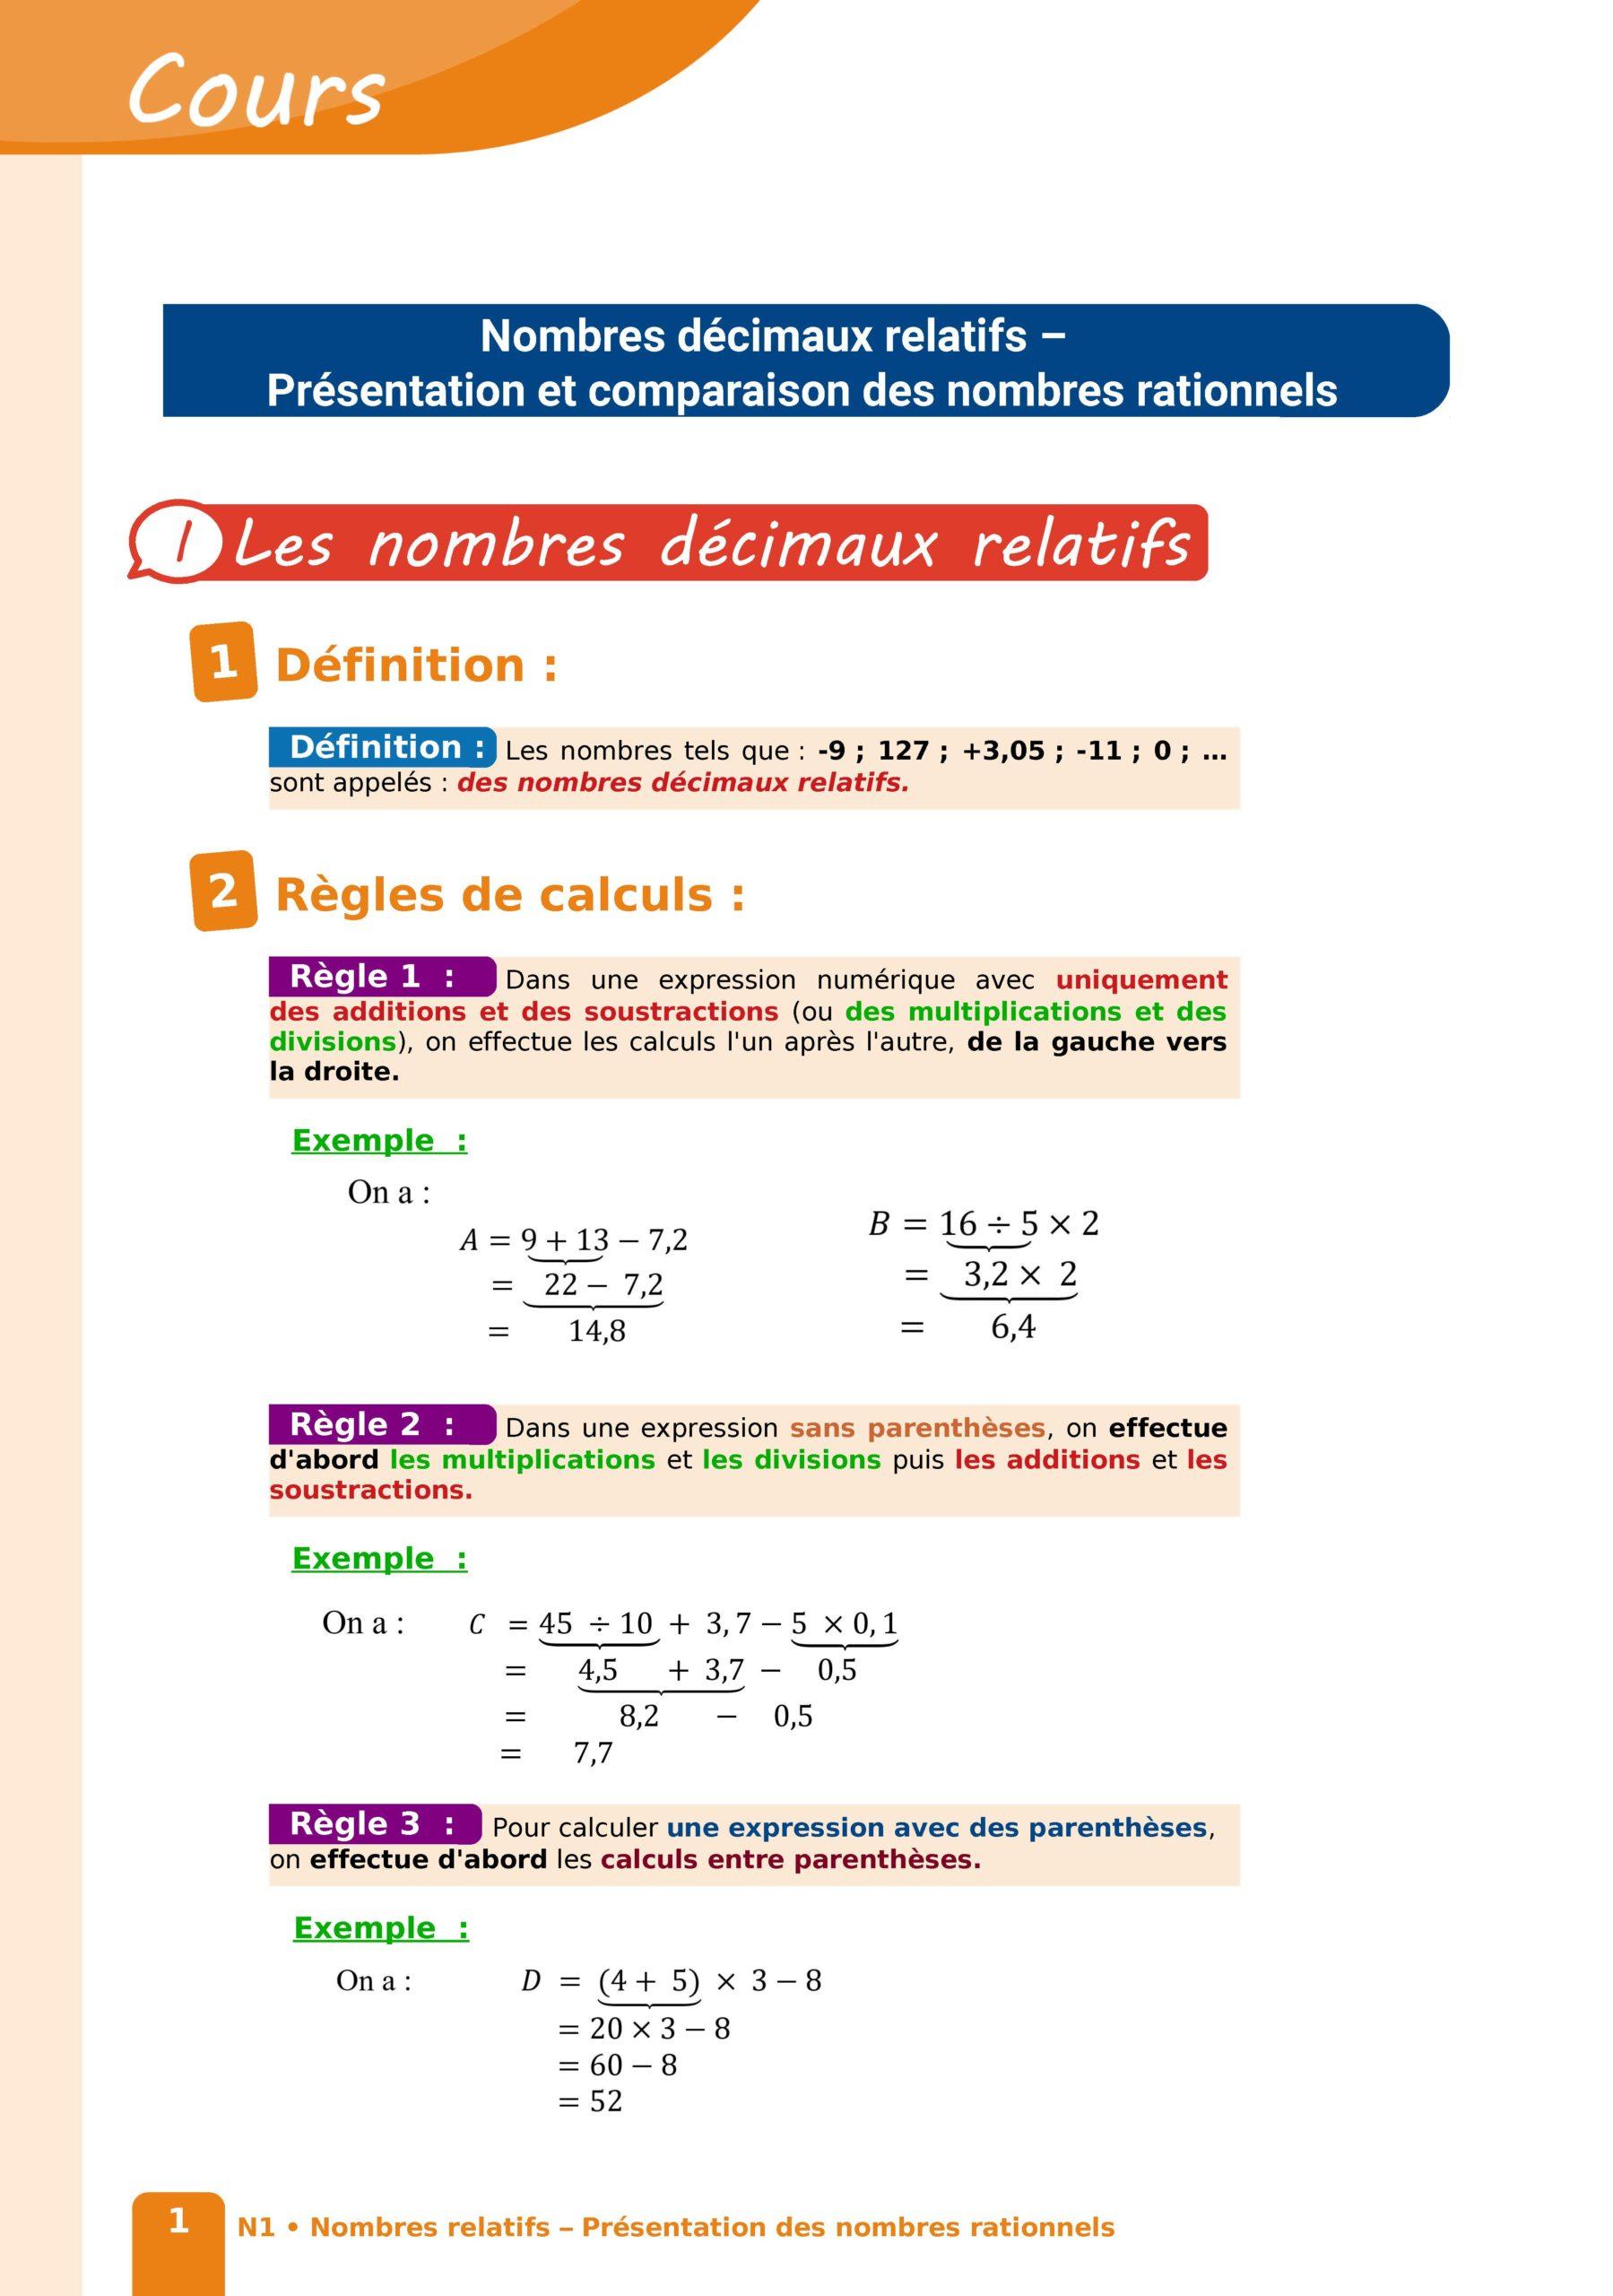 Présentation et comparaison des nombres rationnels